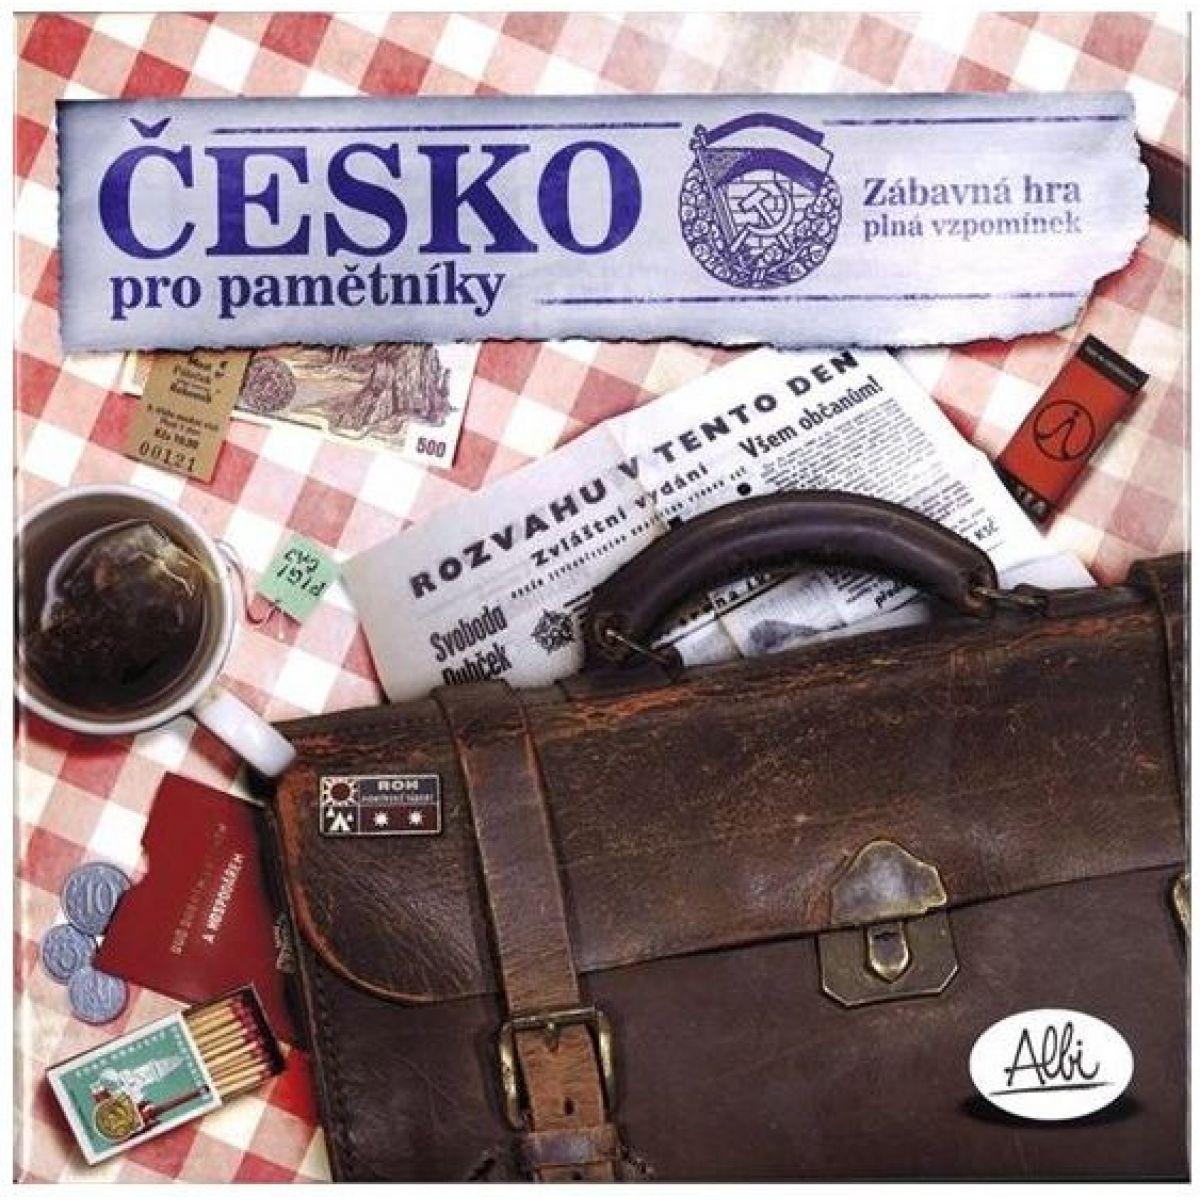 Albi 84668 Česko pro pamětníky